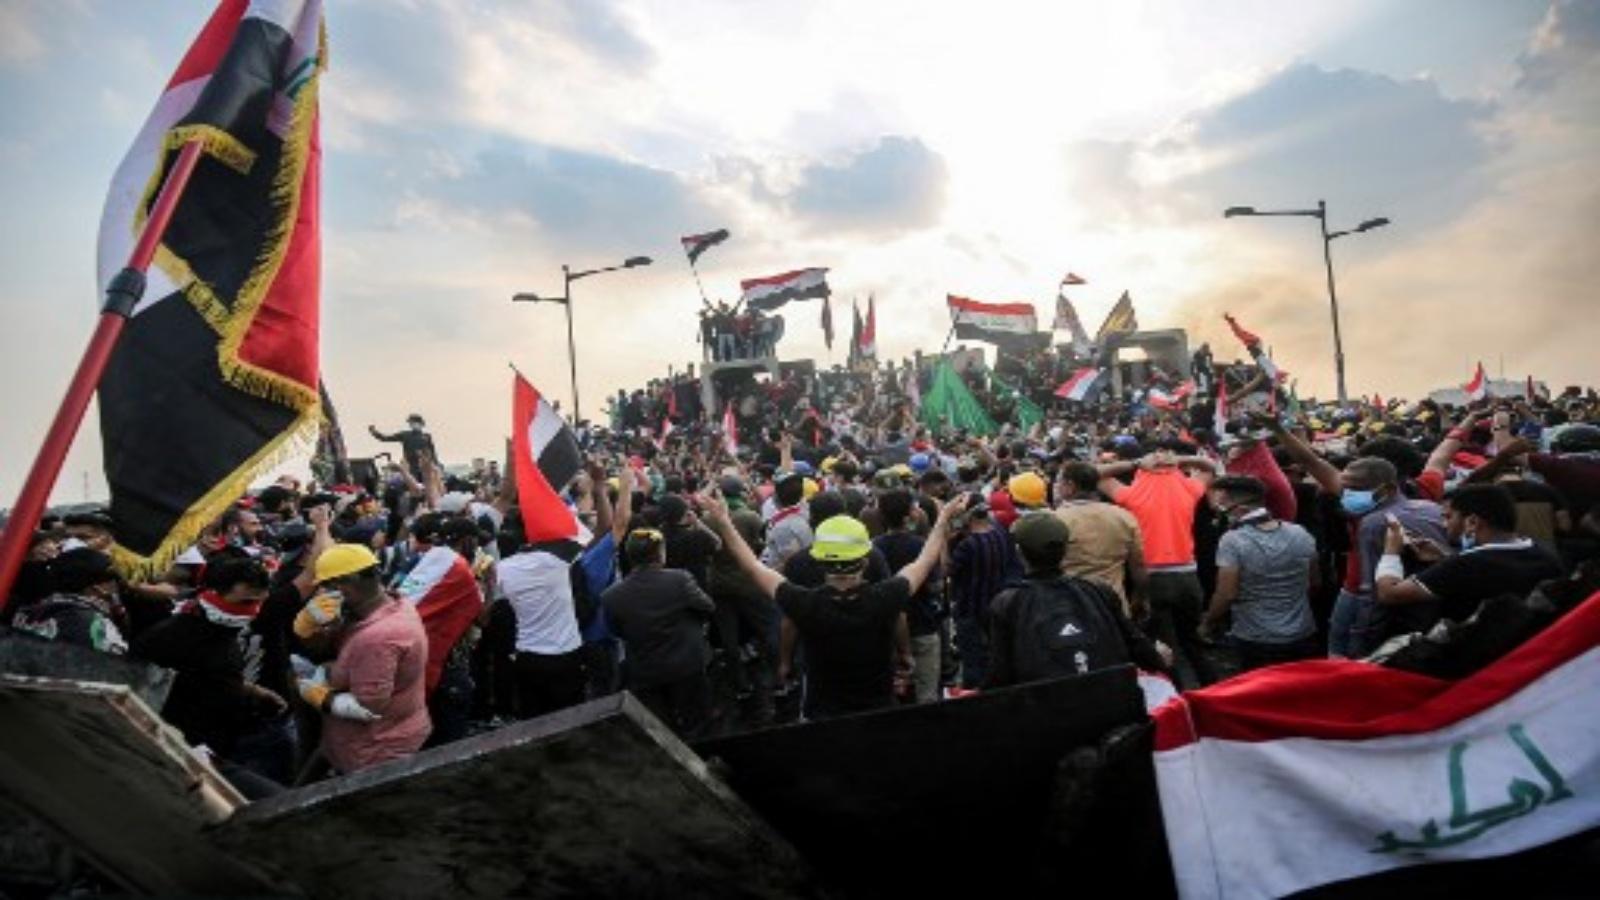 هذه الصورة التي التقطت في 29 أكتوبر / تشرين الأول 2019 ، المتظاهرون العراقيون يلوحون بالأعلام الوطنية وهم يقفون فوق حواجز خرسانية عبر جسر الجمهورية في العاصمة بغداد الذي يربط بين ساحة التحرير والمنطقة الخضراء شديدة الحراسة. أ ف ب